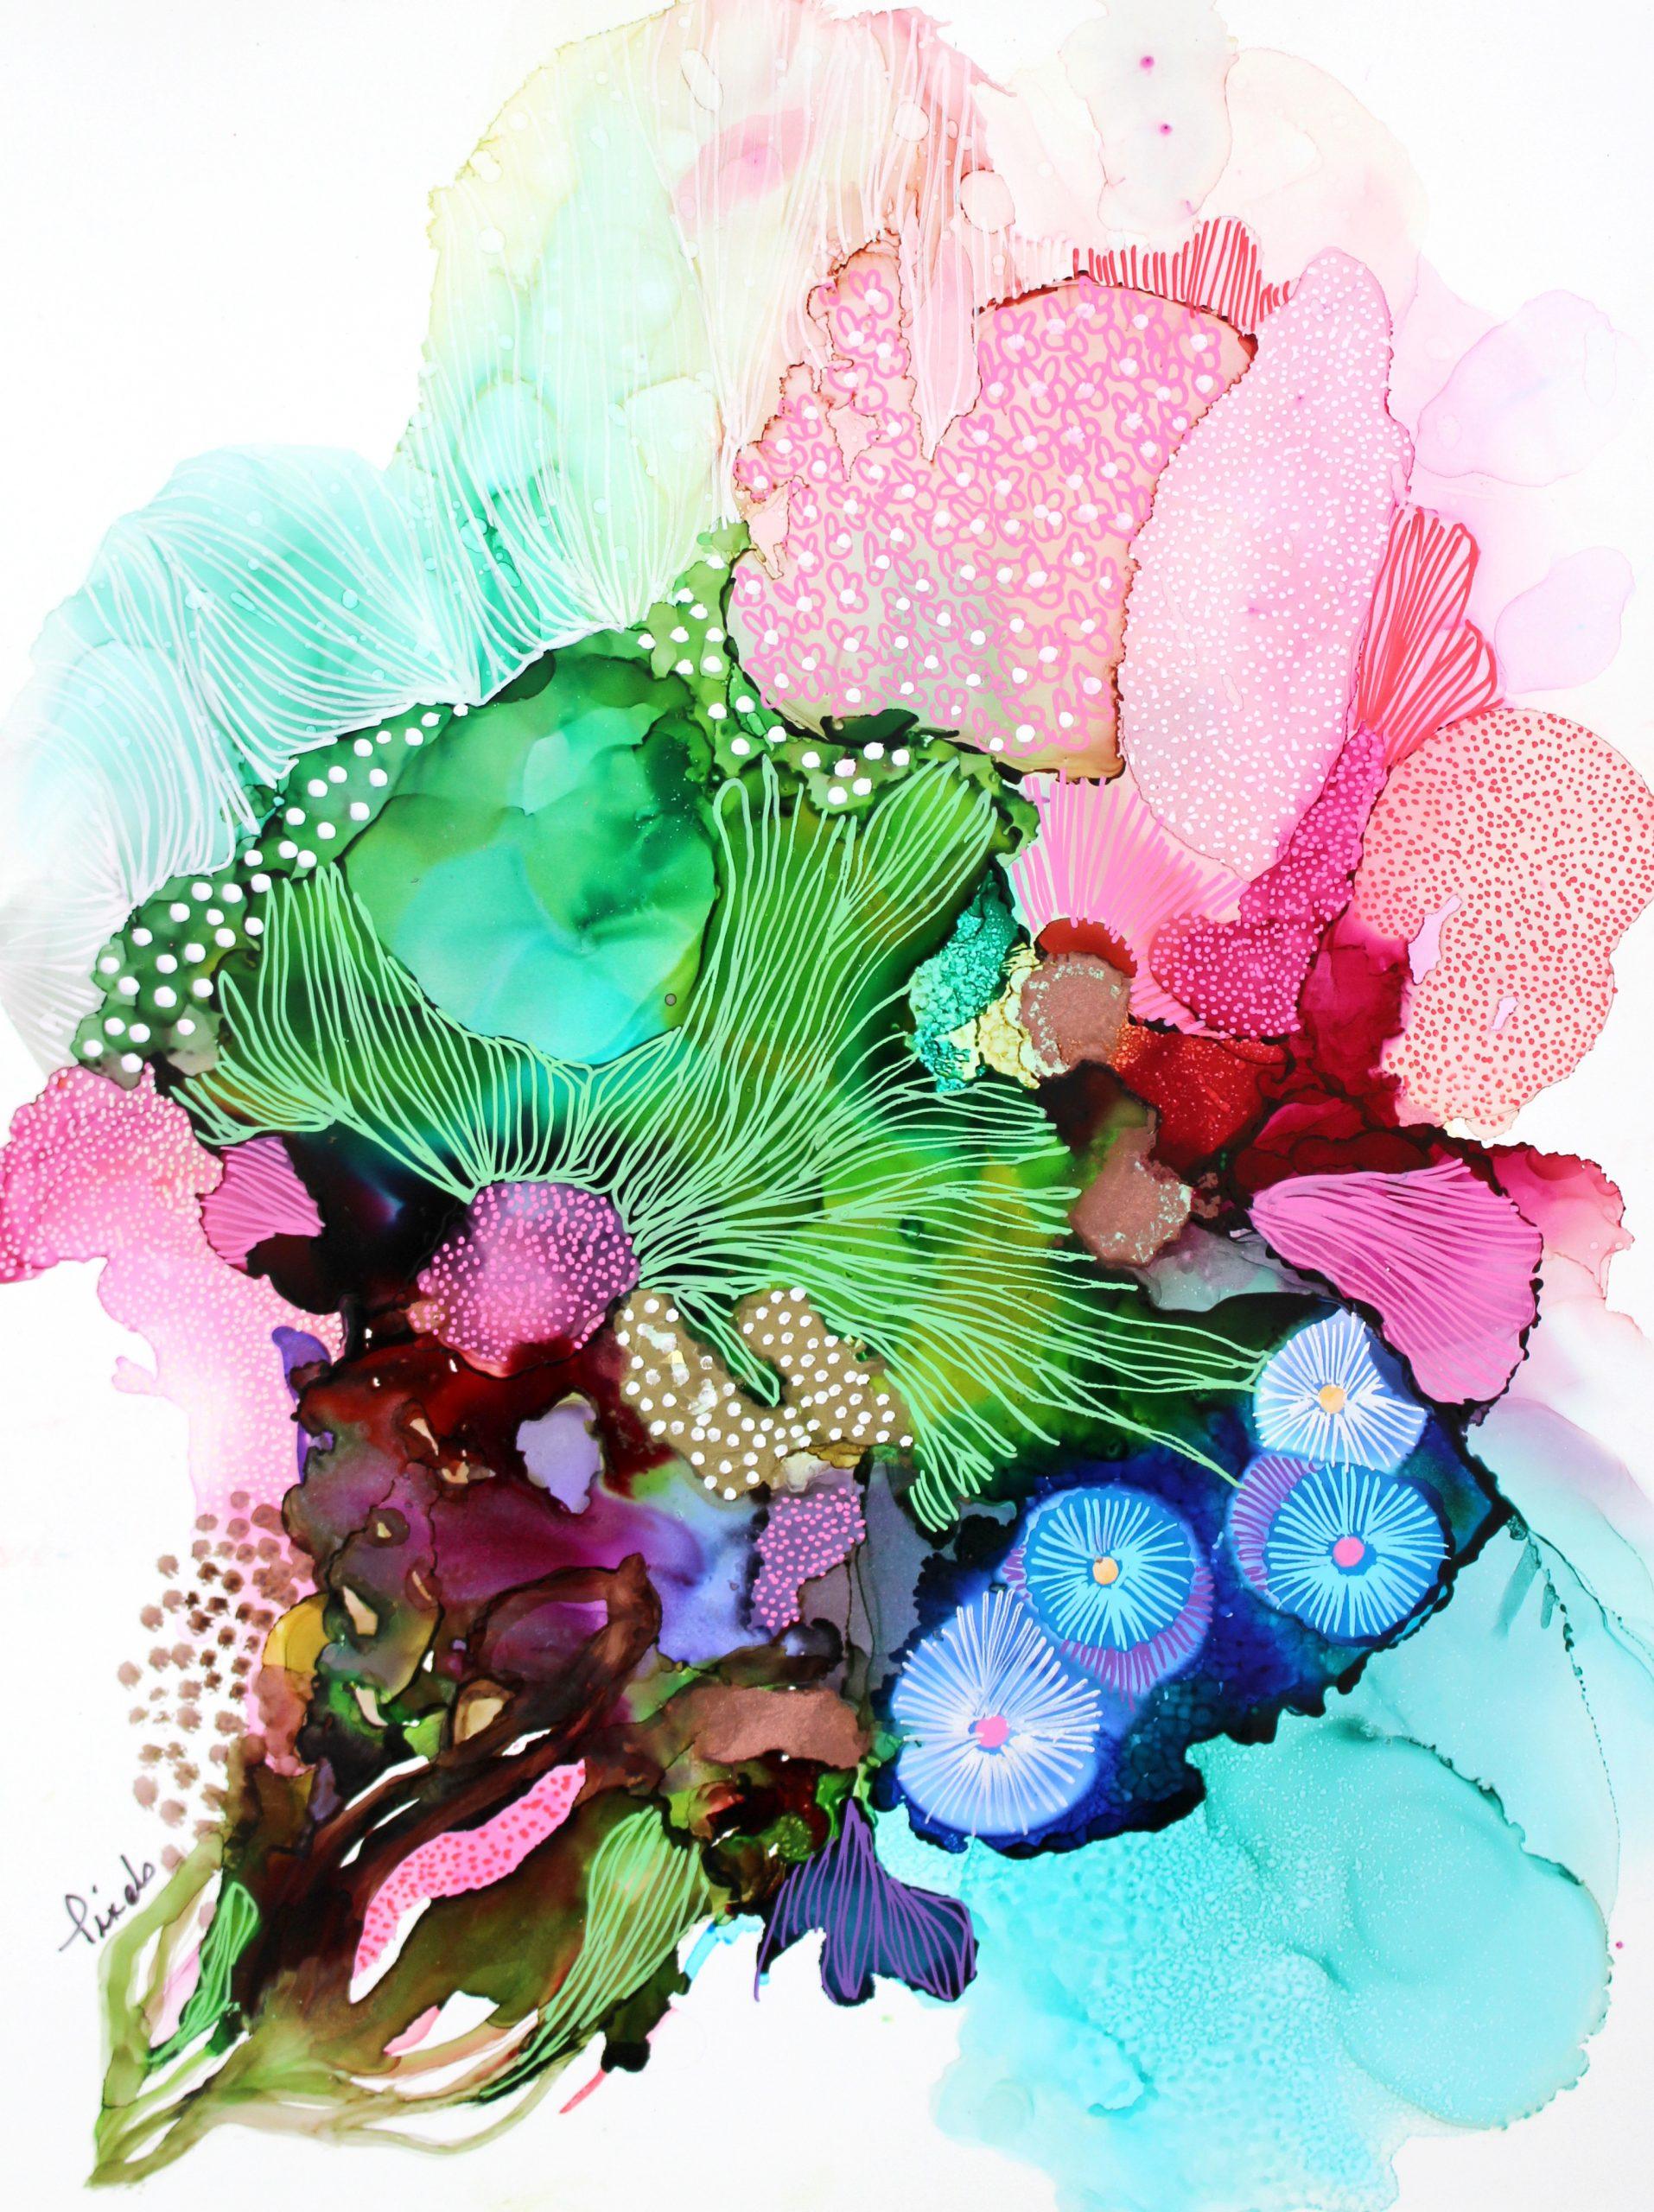 Pixels, couleurs, oeuvre encre sur papier, galerie roccia